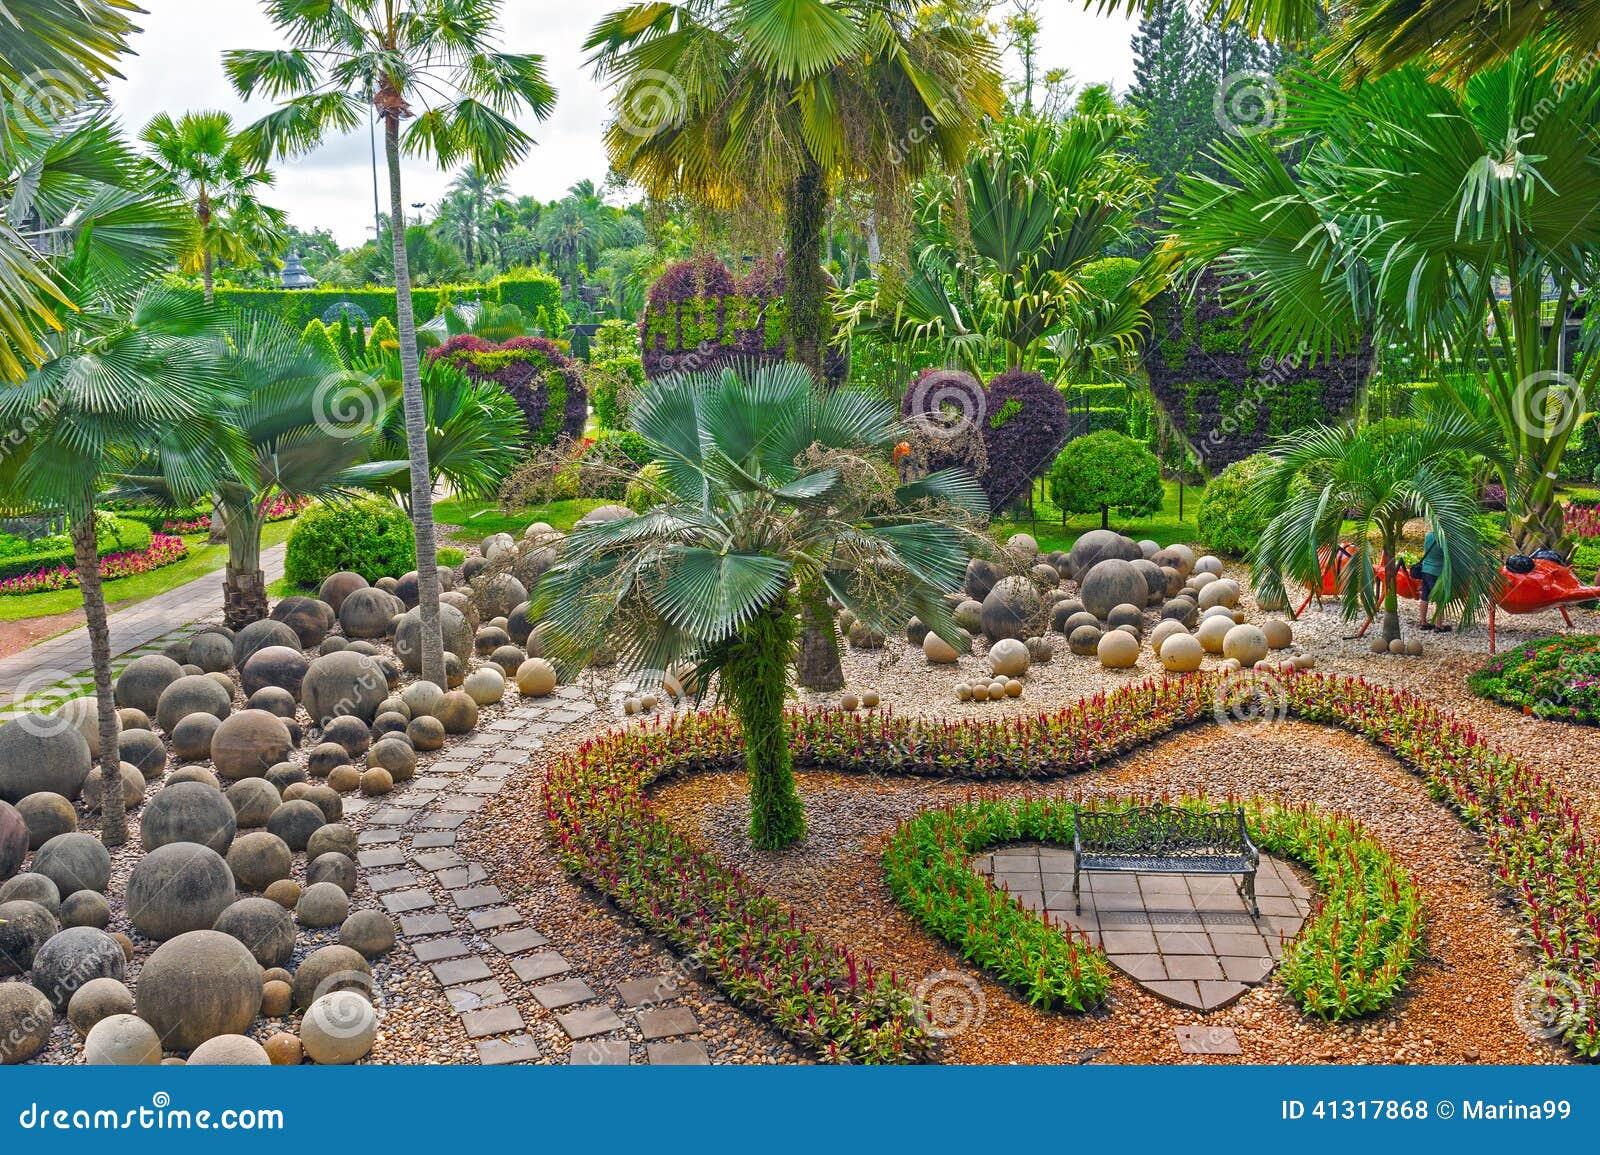 Nong Nooch Tropical Botanical Garden Pattaya Thailand Stock Photo Image 41317868